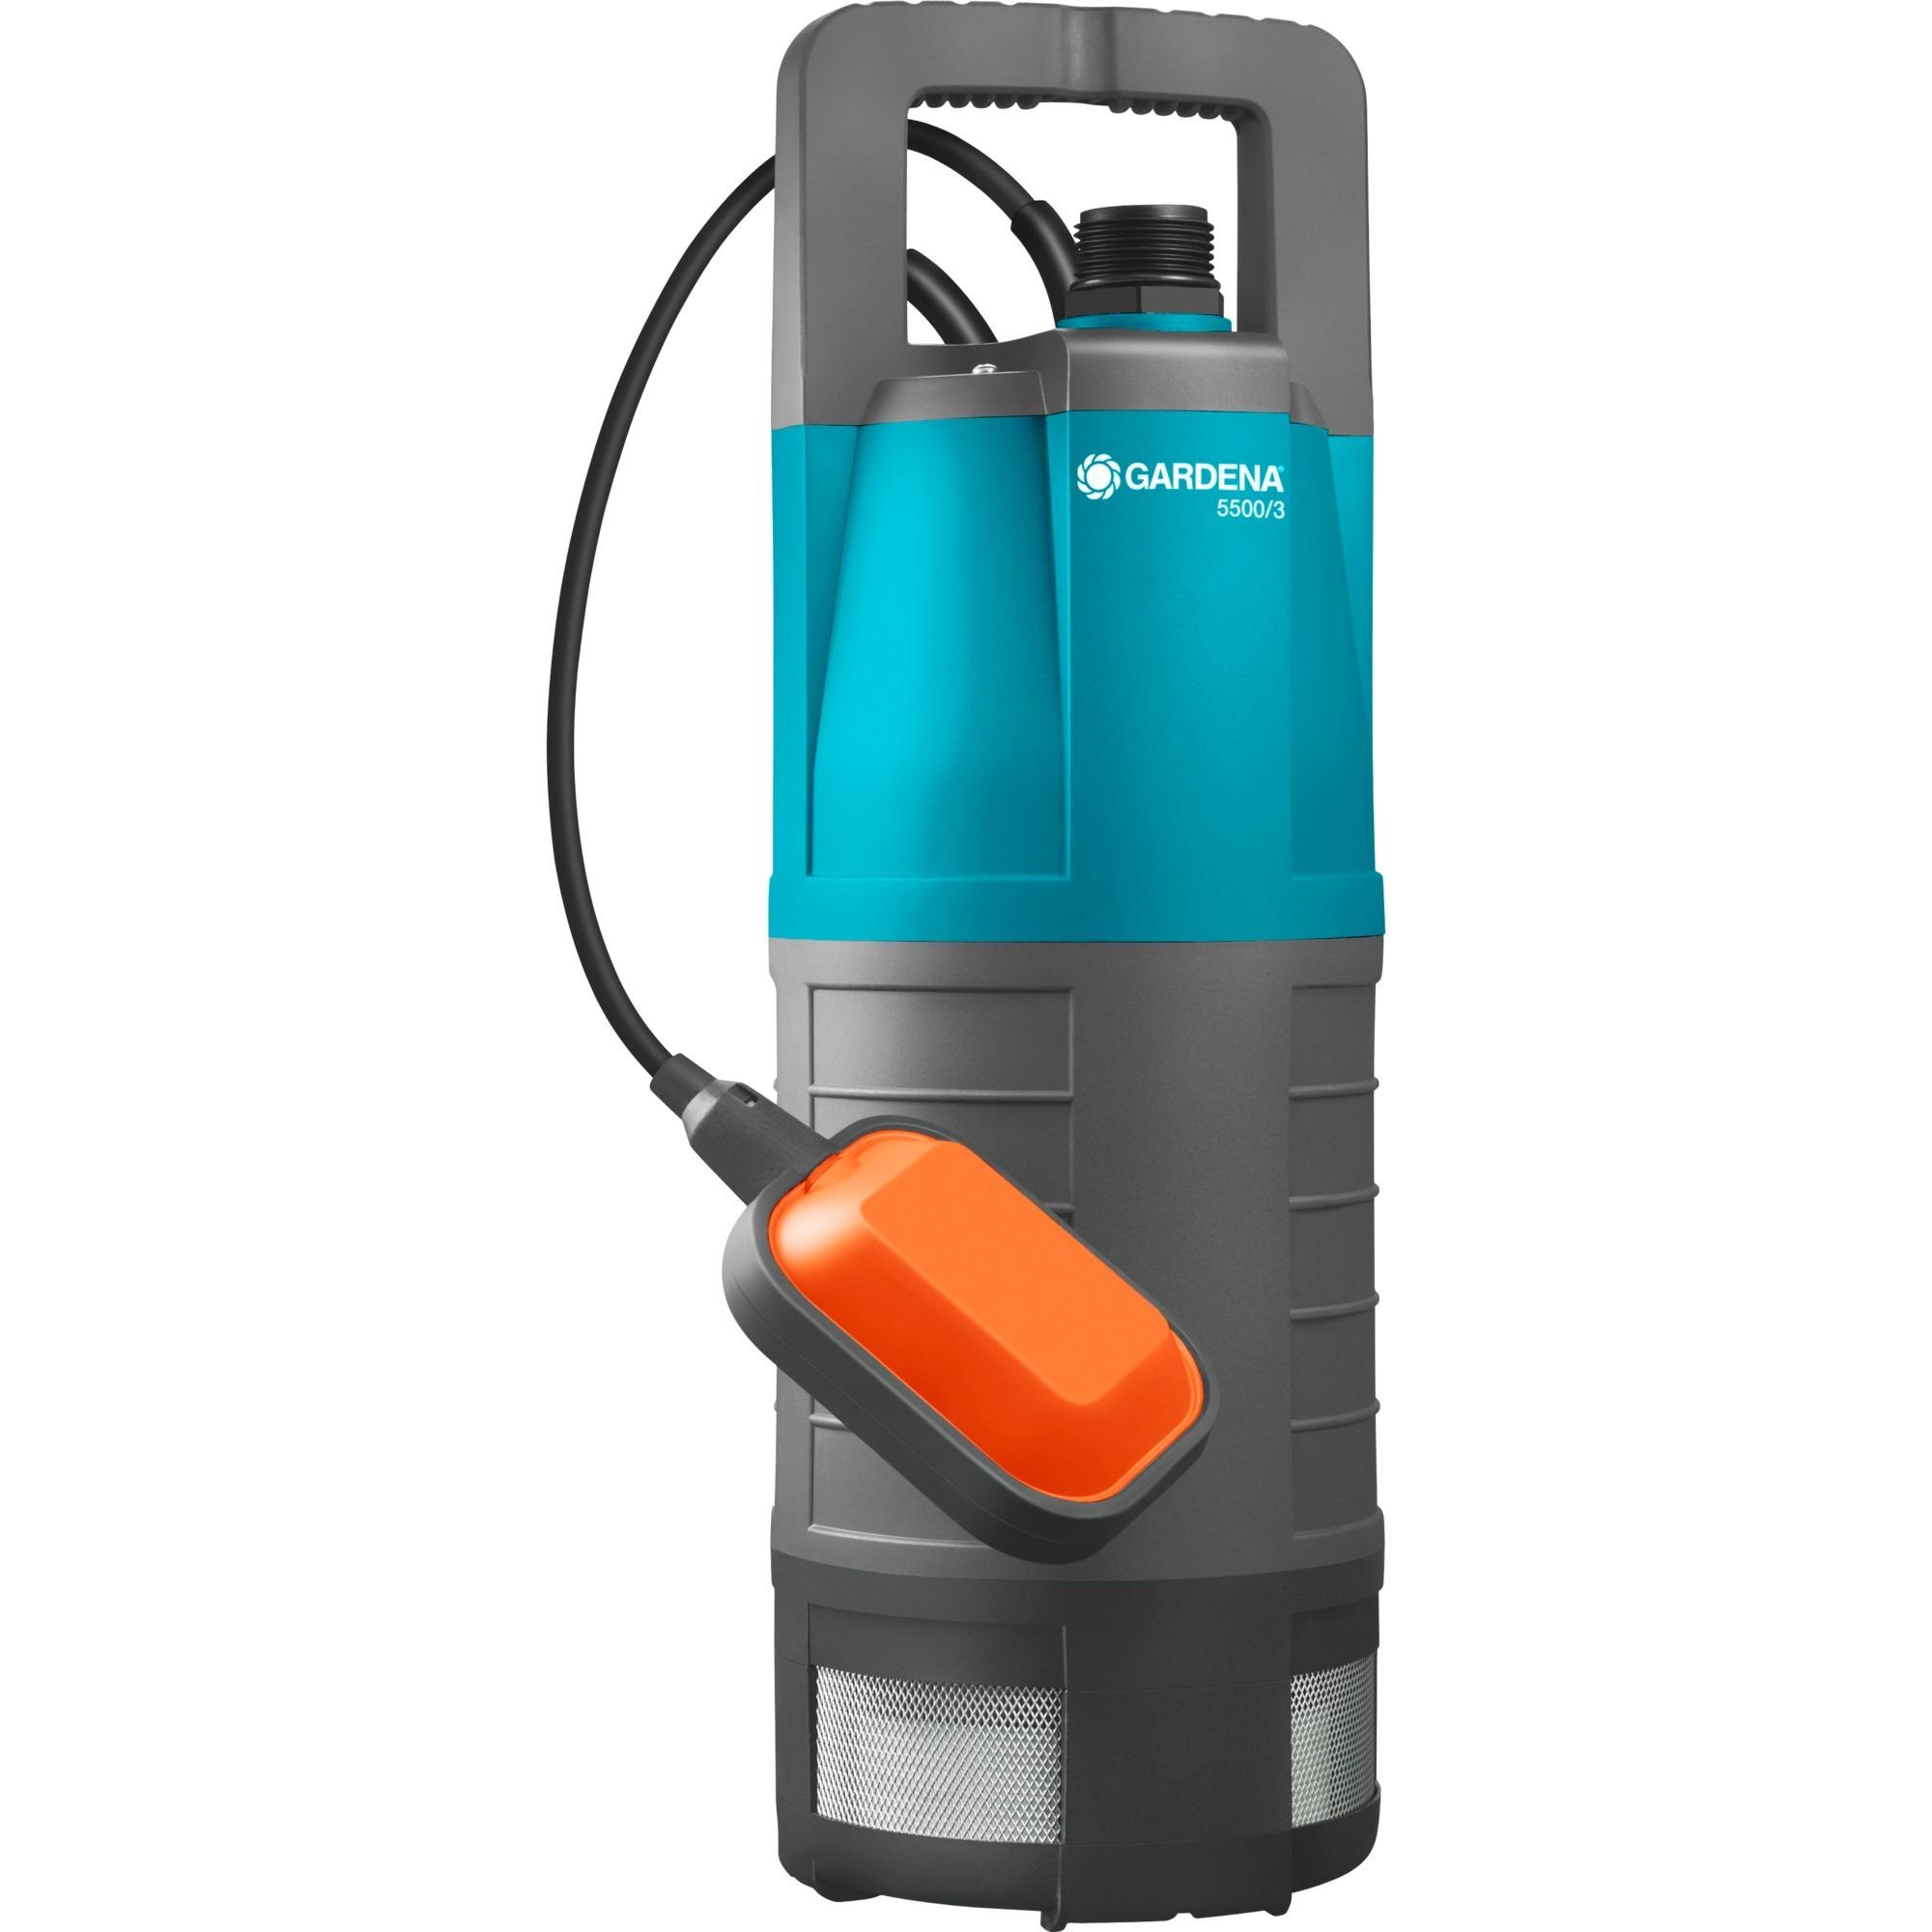 Duravit cisterna durastyle precios y ofertas for Bomba trituradora inodoro precio